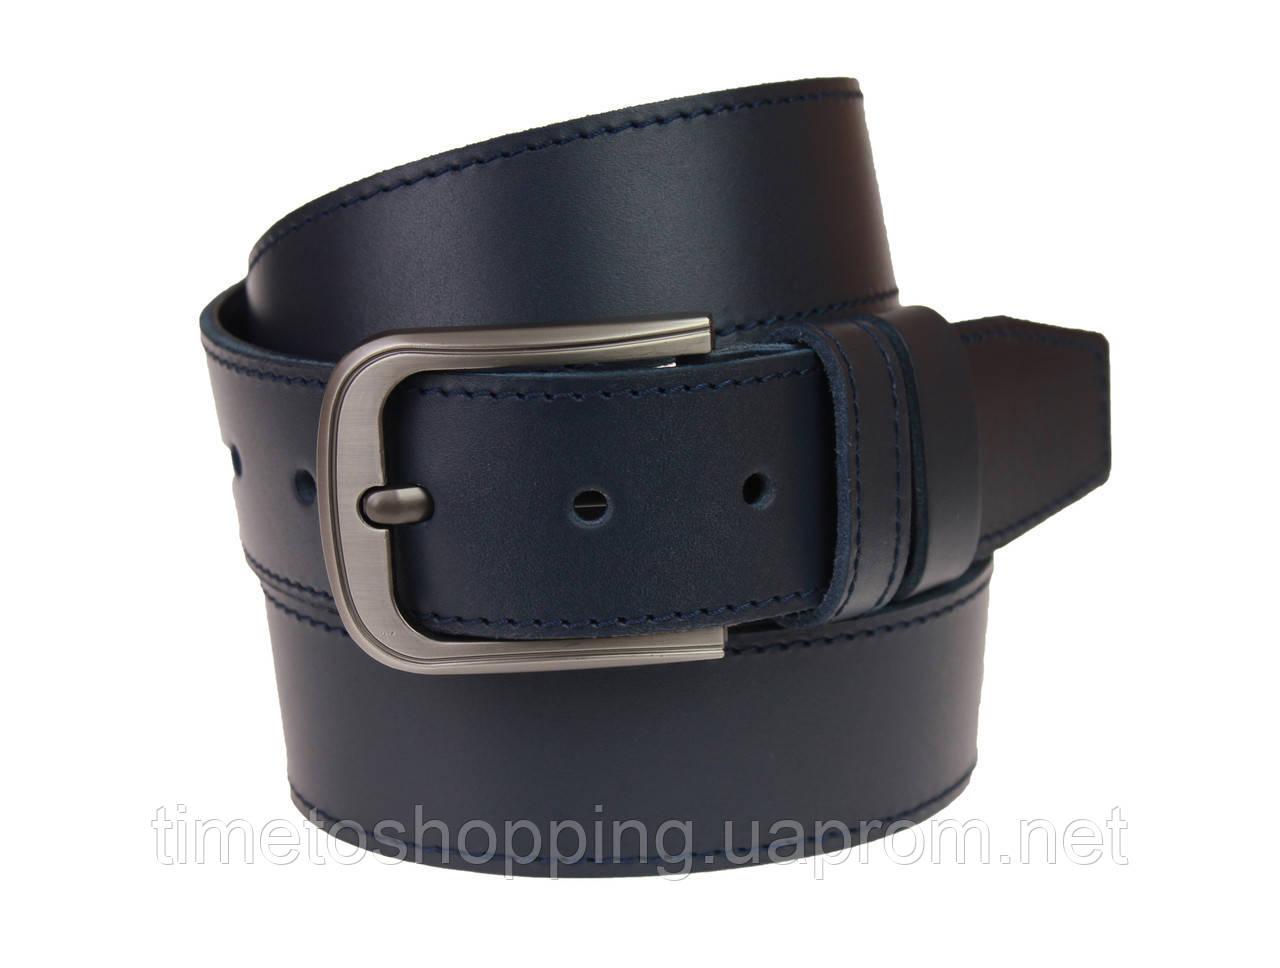 Ремень мужской кожаный джинсовый одна строчка SULLIVAN  RMK-72(7.5) 115-150 см синий